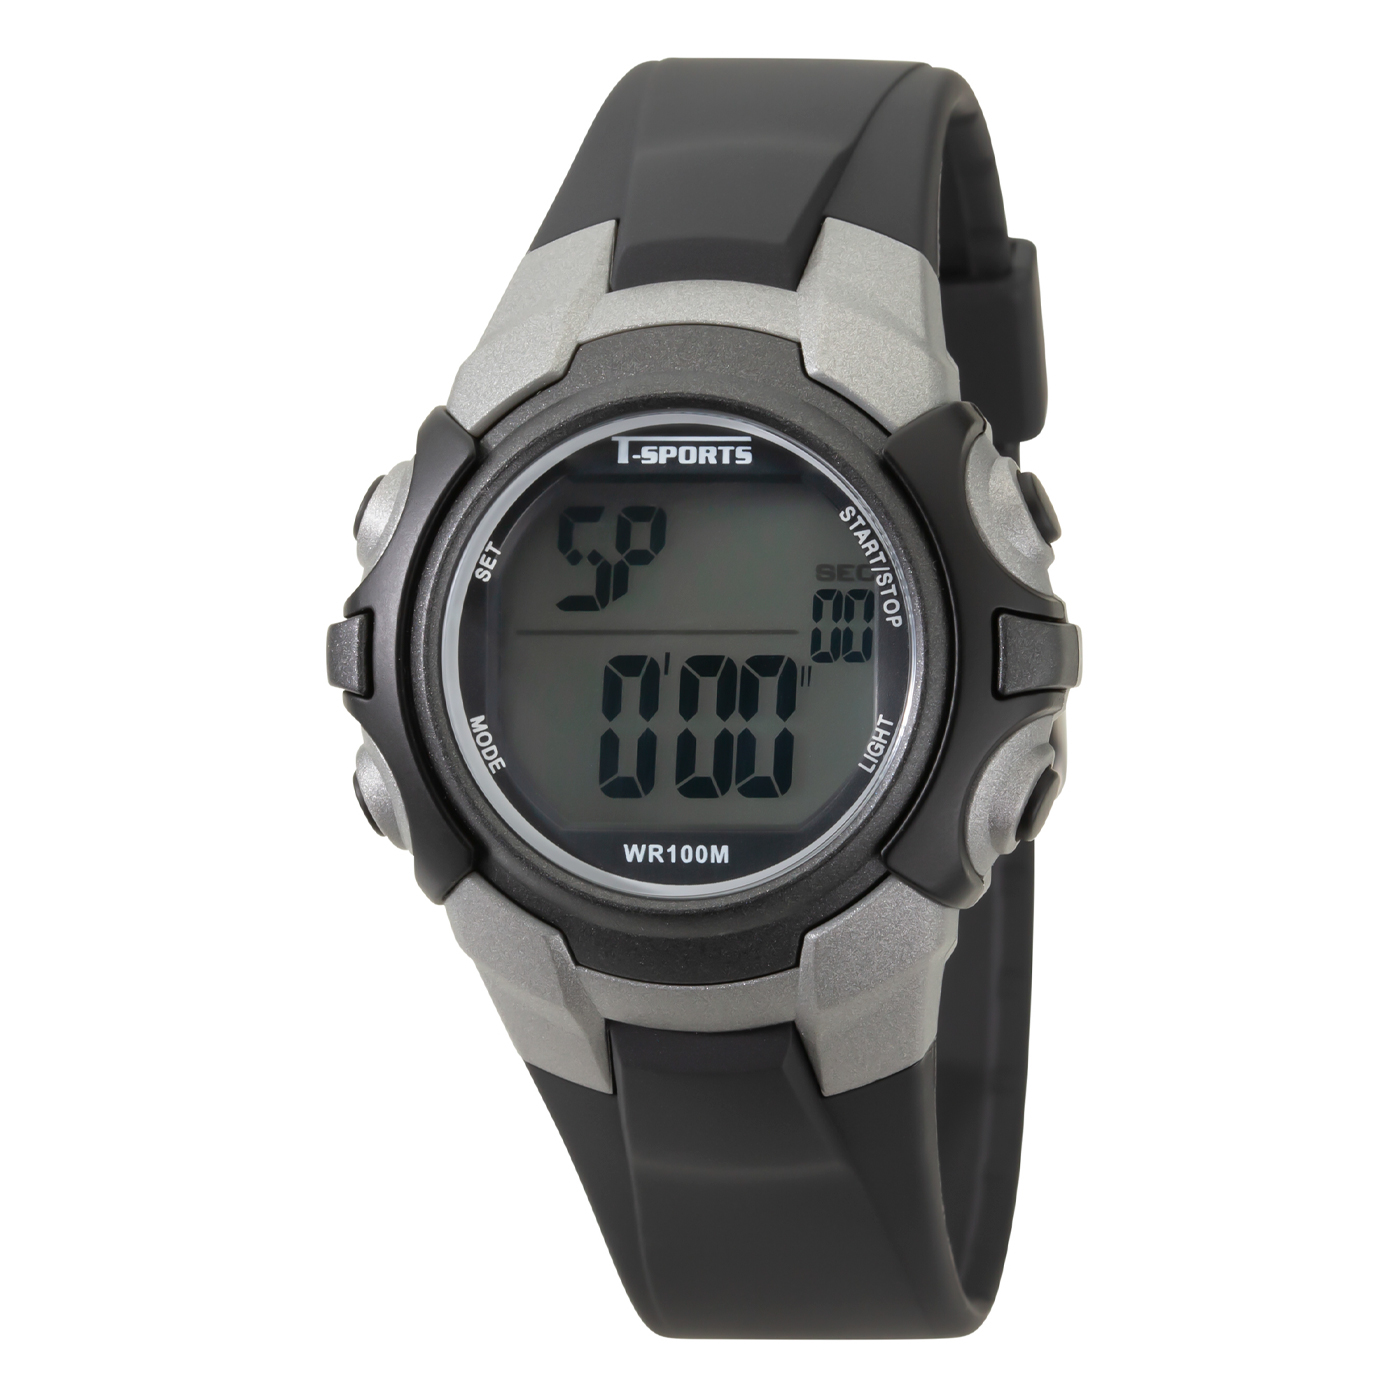 T-SPORTS ティースポーツ デジタルウオッチ 10年電池 10気圧防水 腕時計【TS-D228】